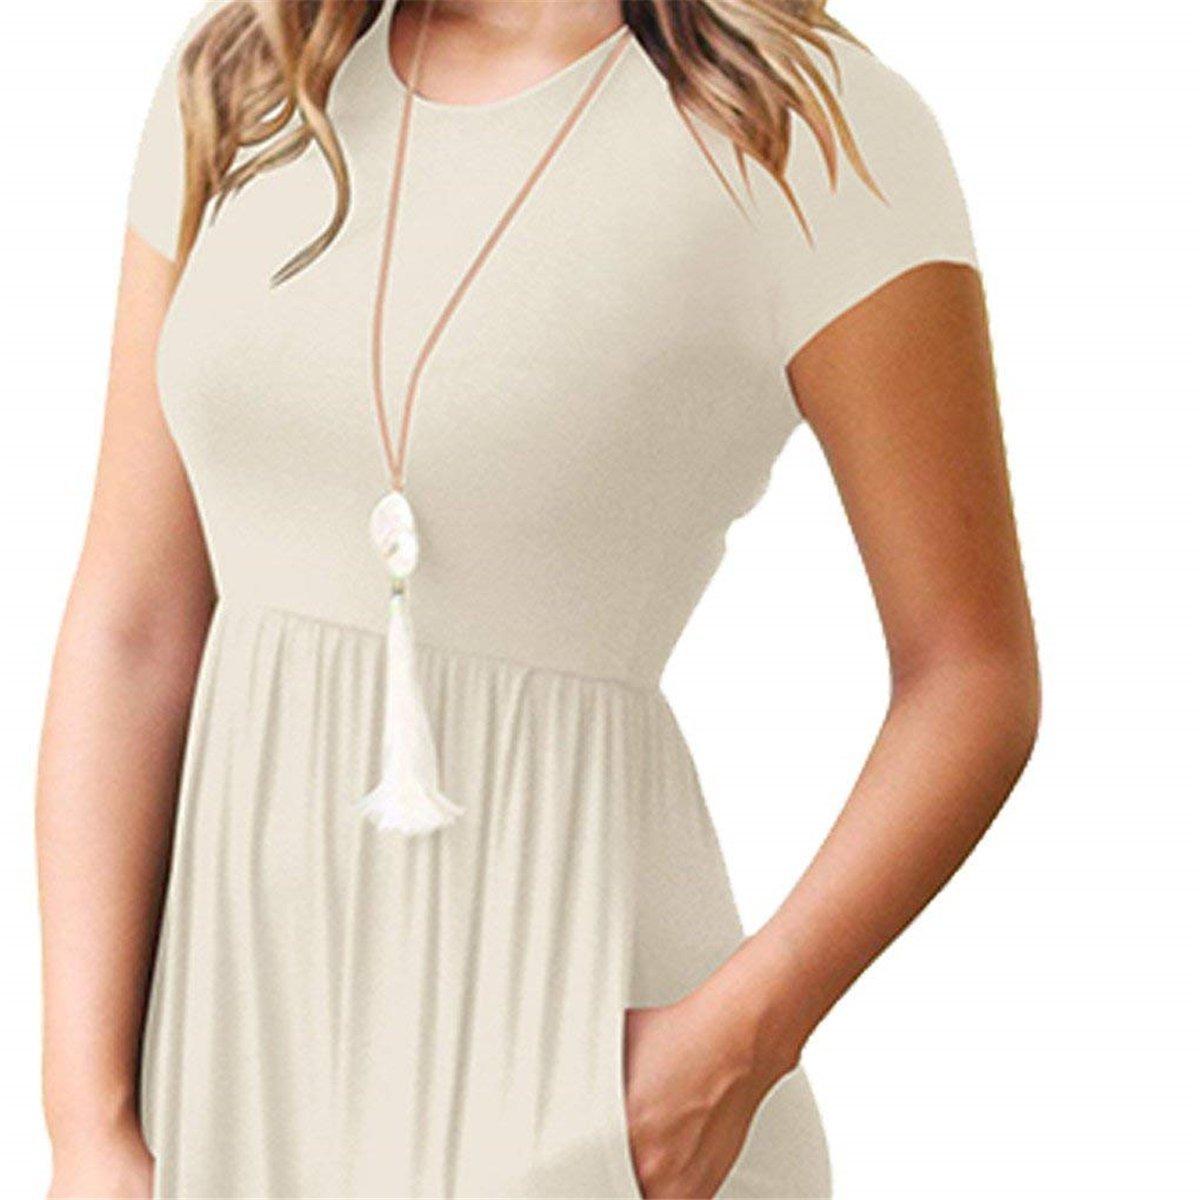 74827b3539d7 Maxi Kleidet - Damen Casual Hülsen-Lose Kurzarm ärmel Maxi beiläufige Lange  T-Shirt Kleider mit Taschen  Amazon.de  Bekleidung